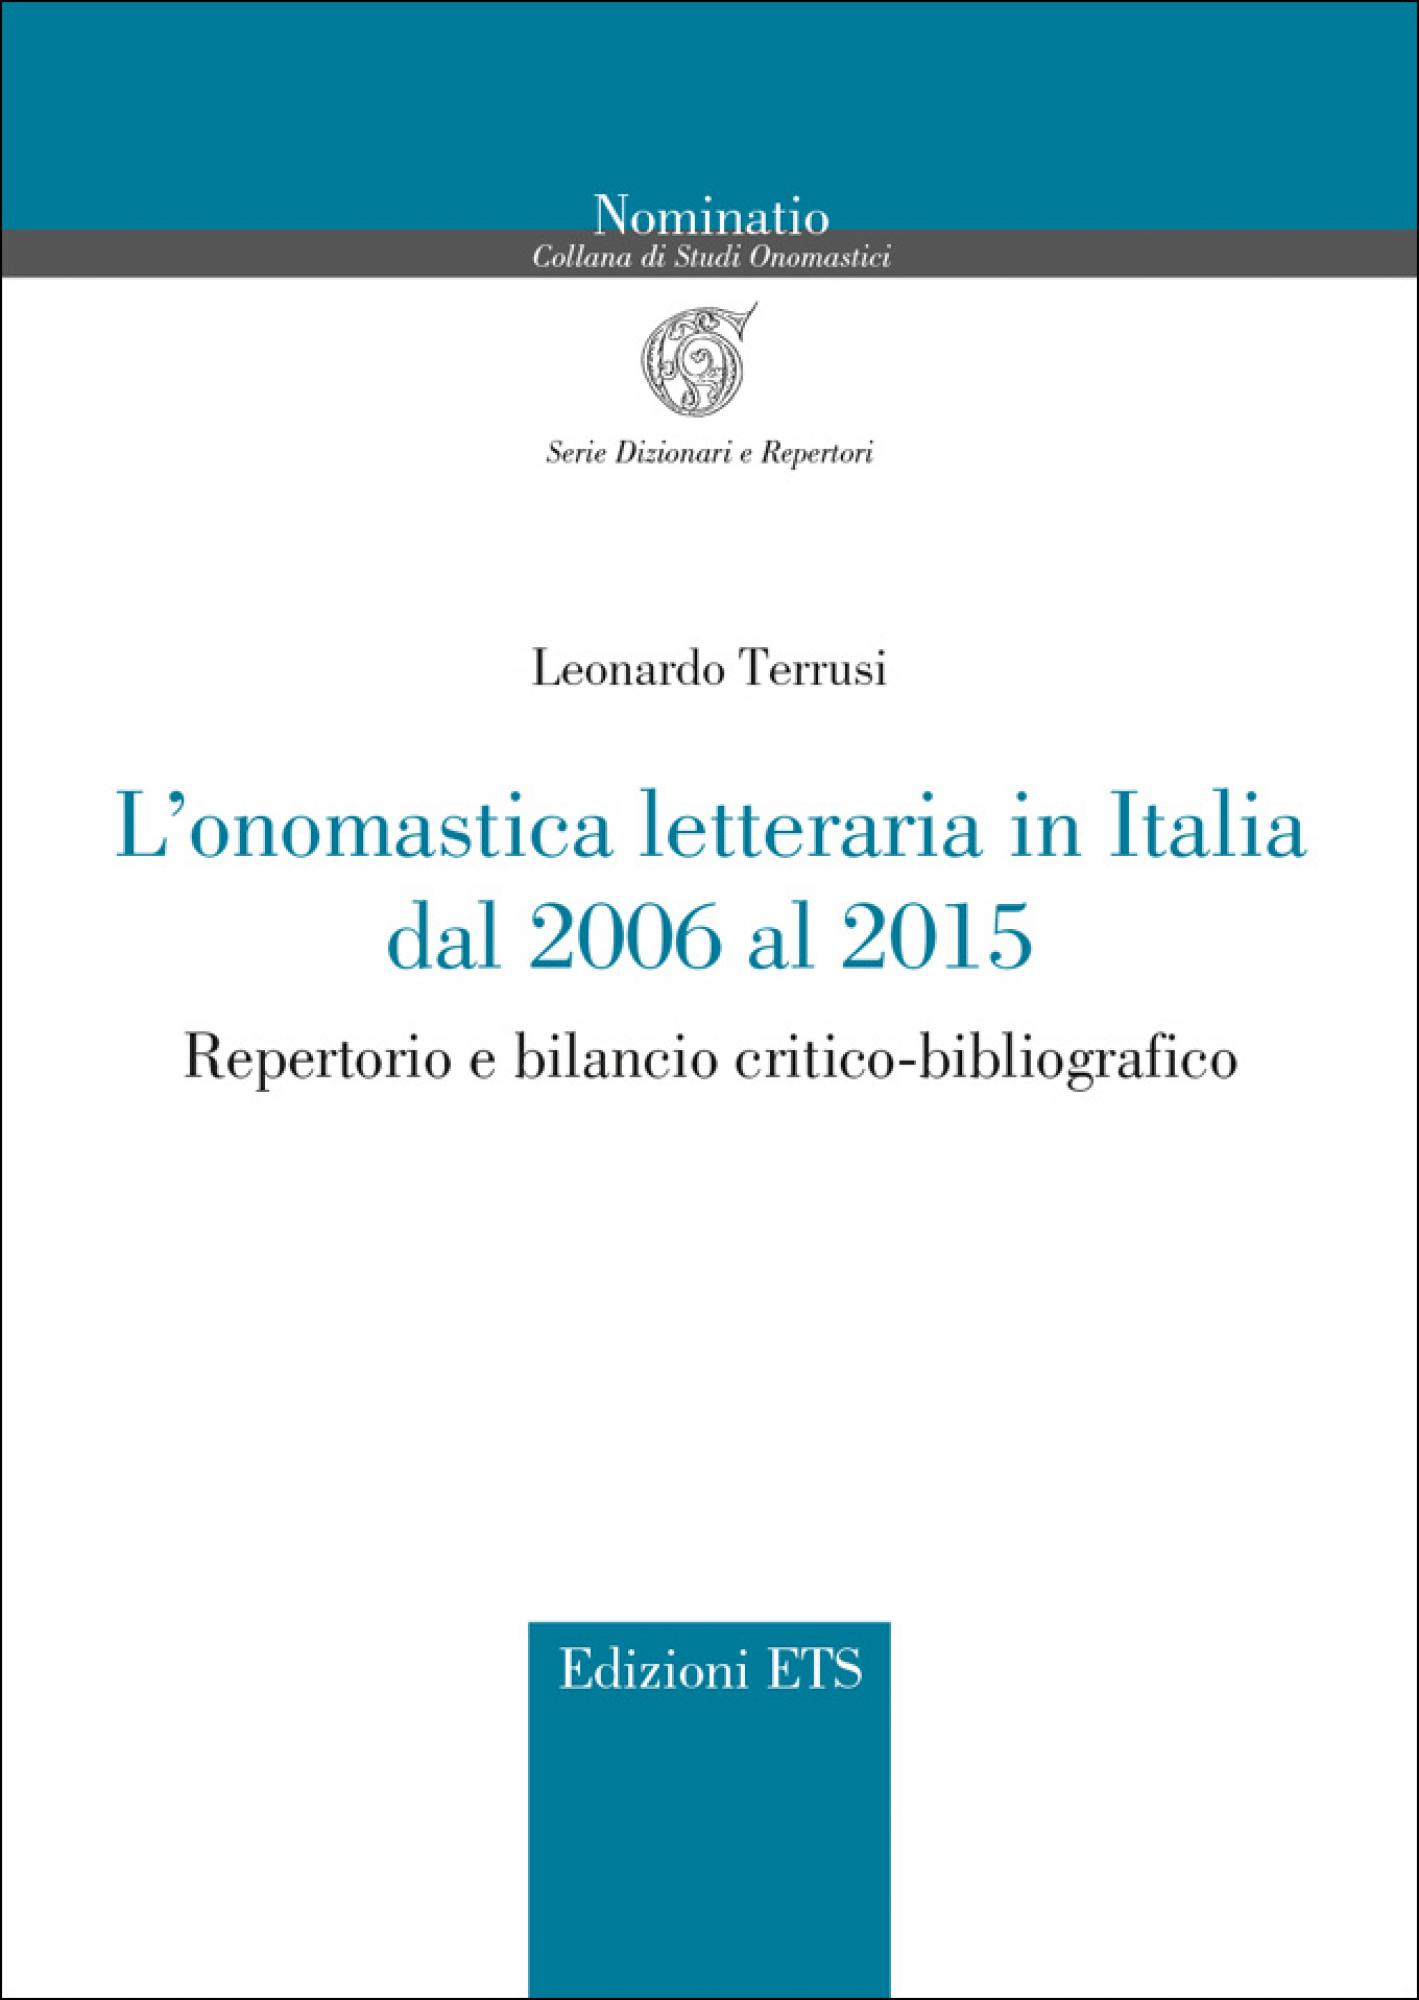 L'onomastica letteraria in Italia dal 2006 al 2015.Repertorio e bilancio critico-bibliografico